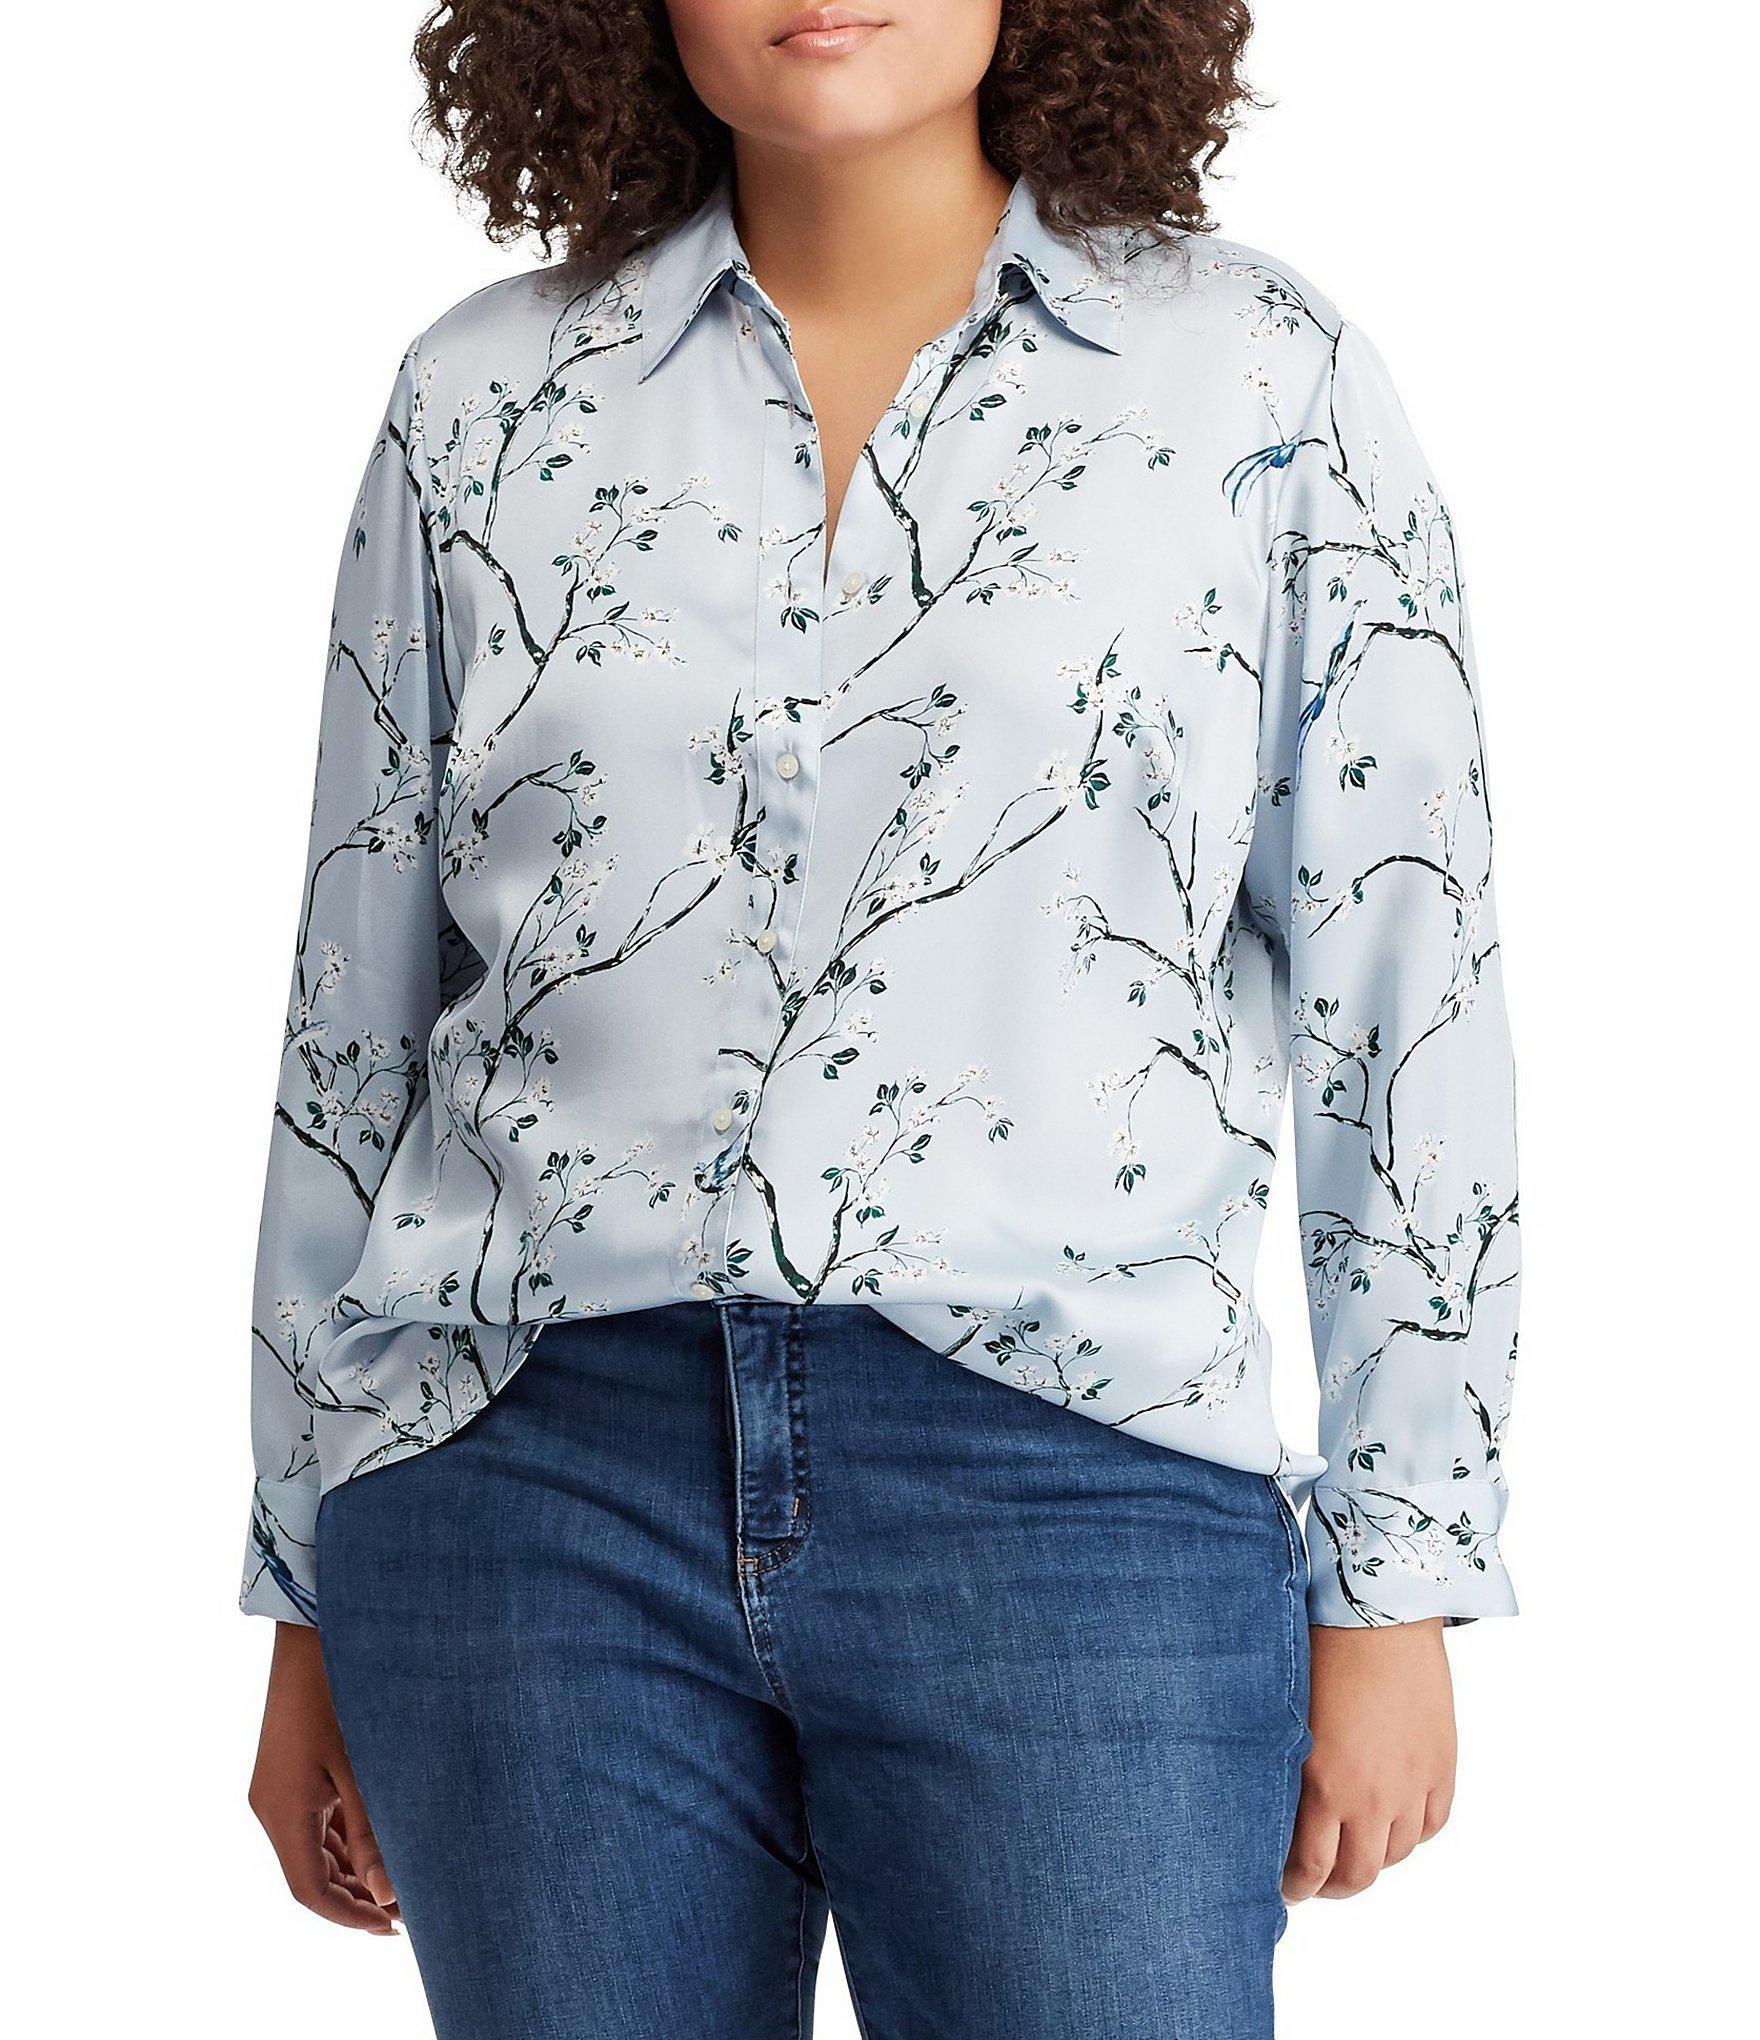 a6a459c2877 Lyst - Lauren by Ralph Lauren Plus Size Floral Print Button-down ...